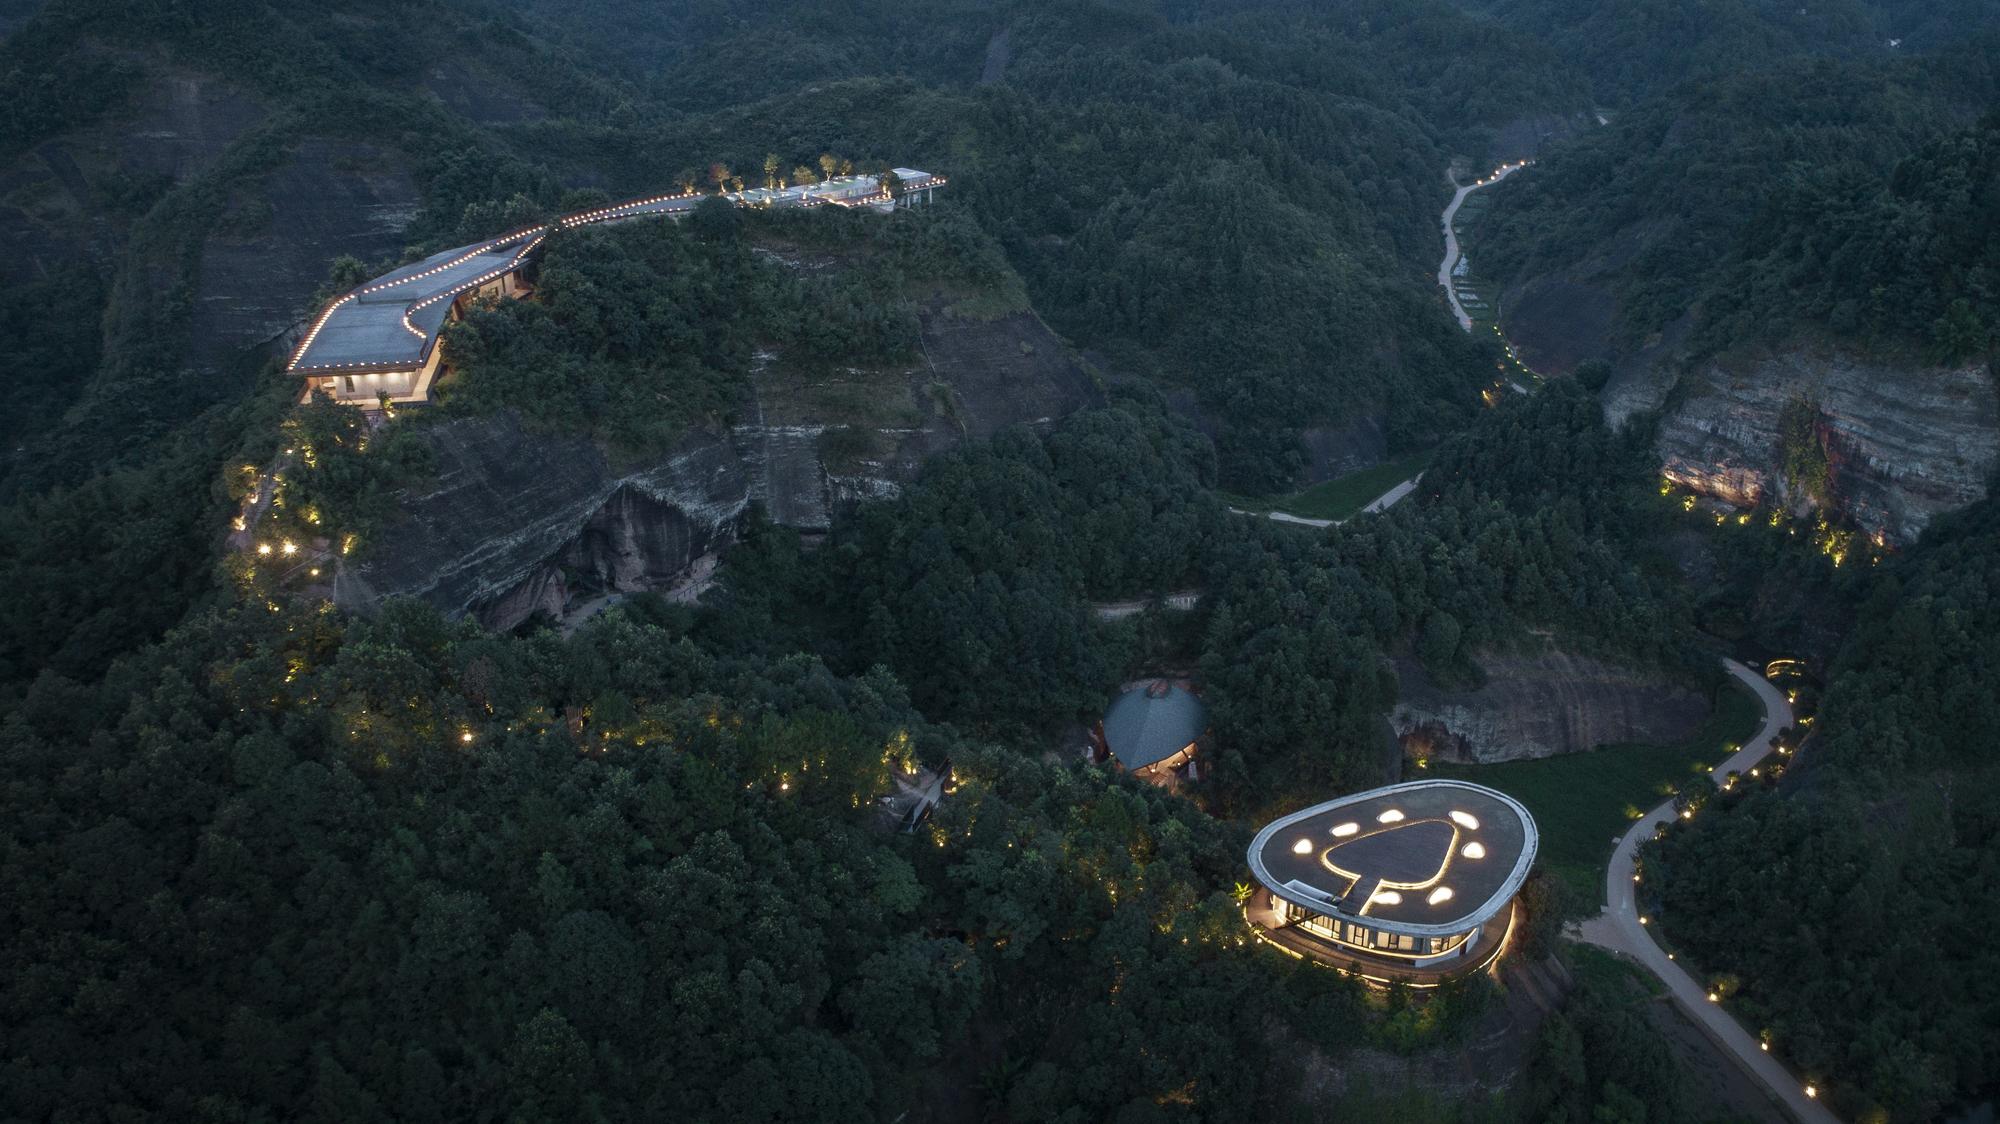 Gallery Of Pingjiang Homey Wild Luxury Hotel Duoxiangjie